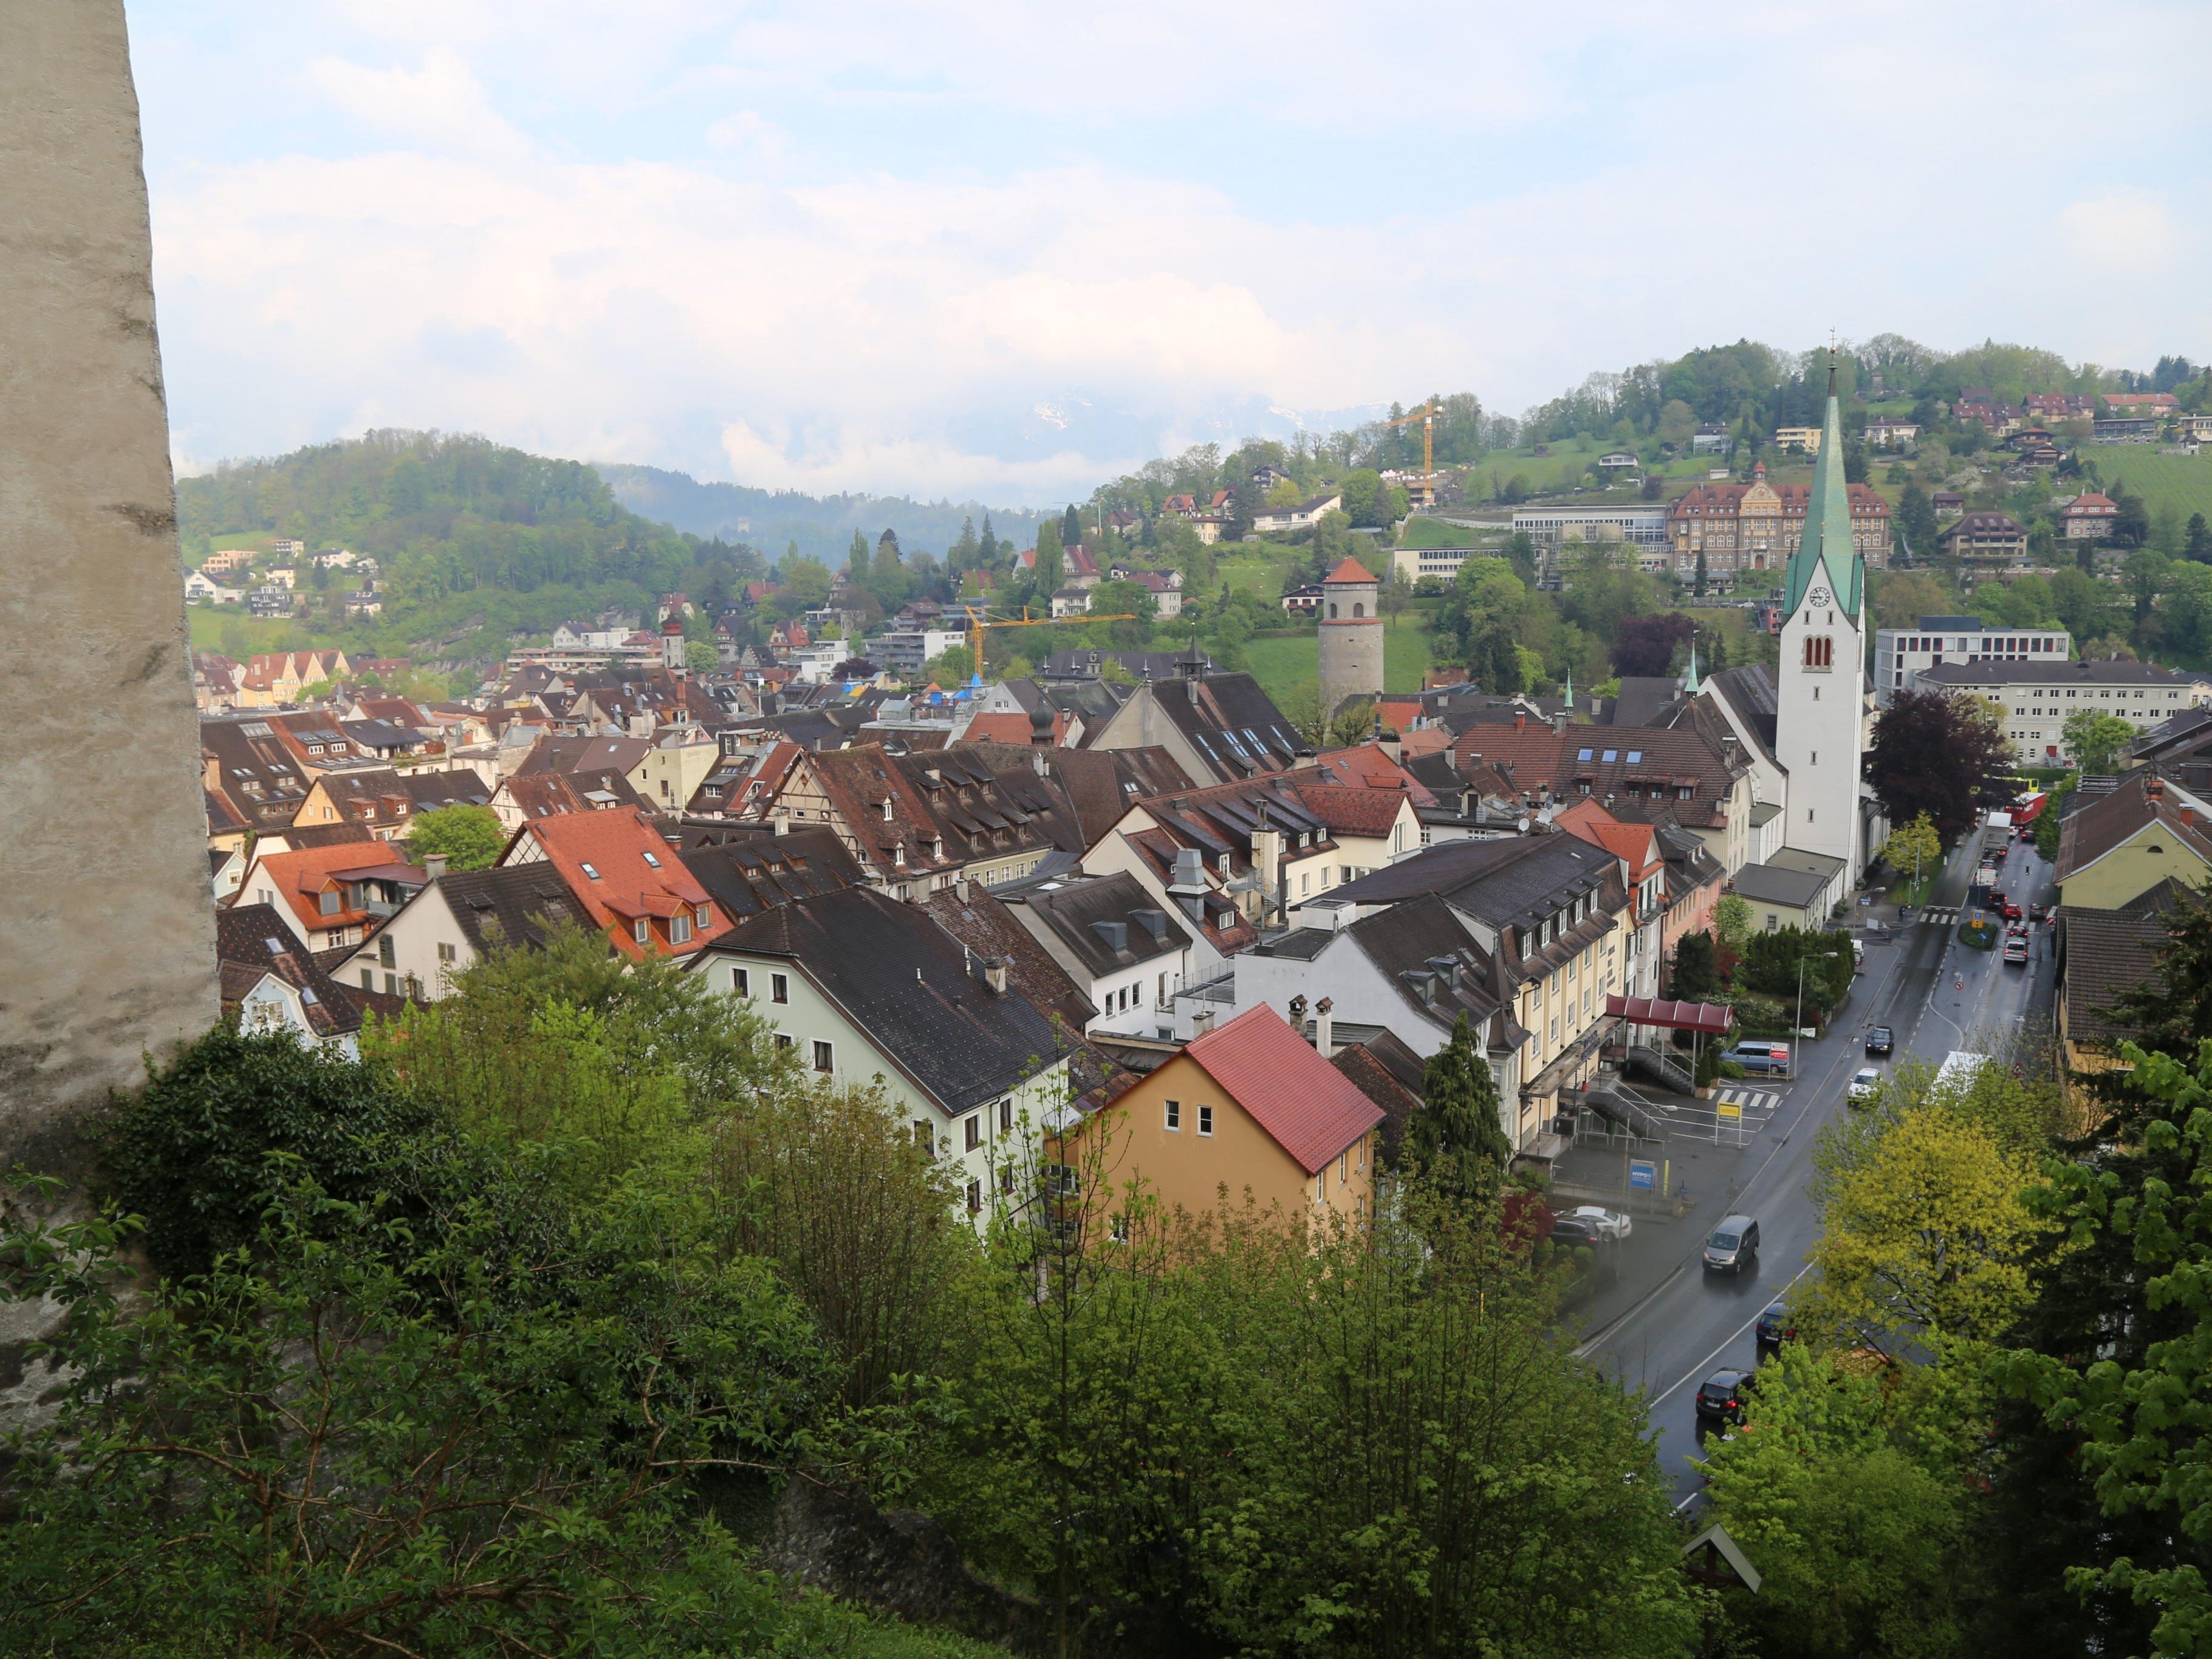 Die Feldkircher Innenstadt ist bekannt für ihre altehrwürdigen Mauern und verschiedensten Märkte.